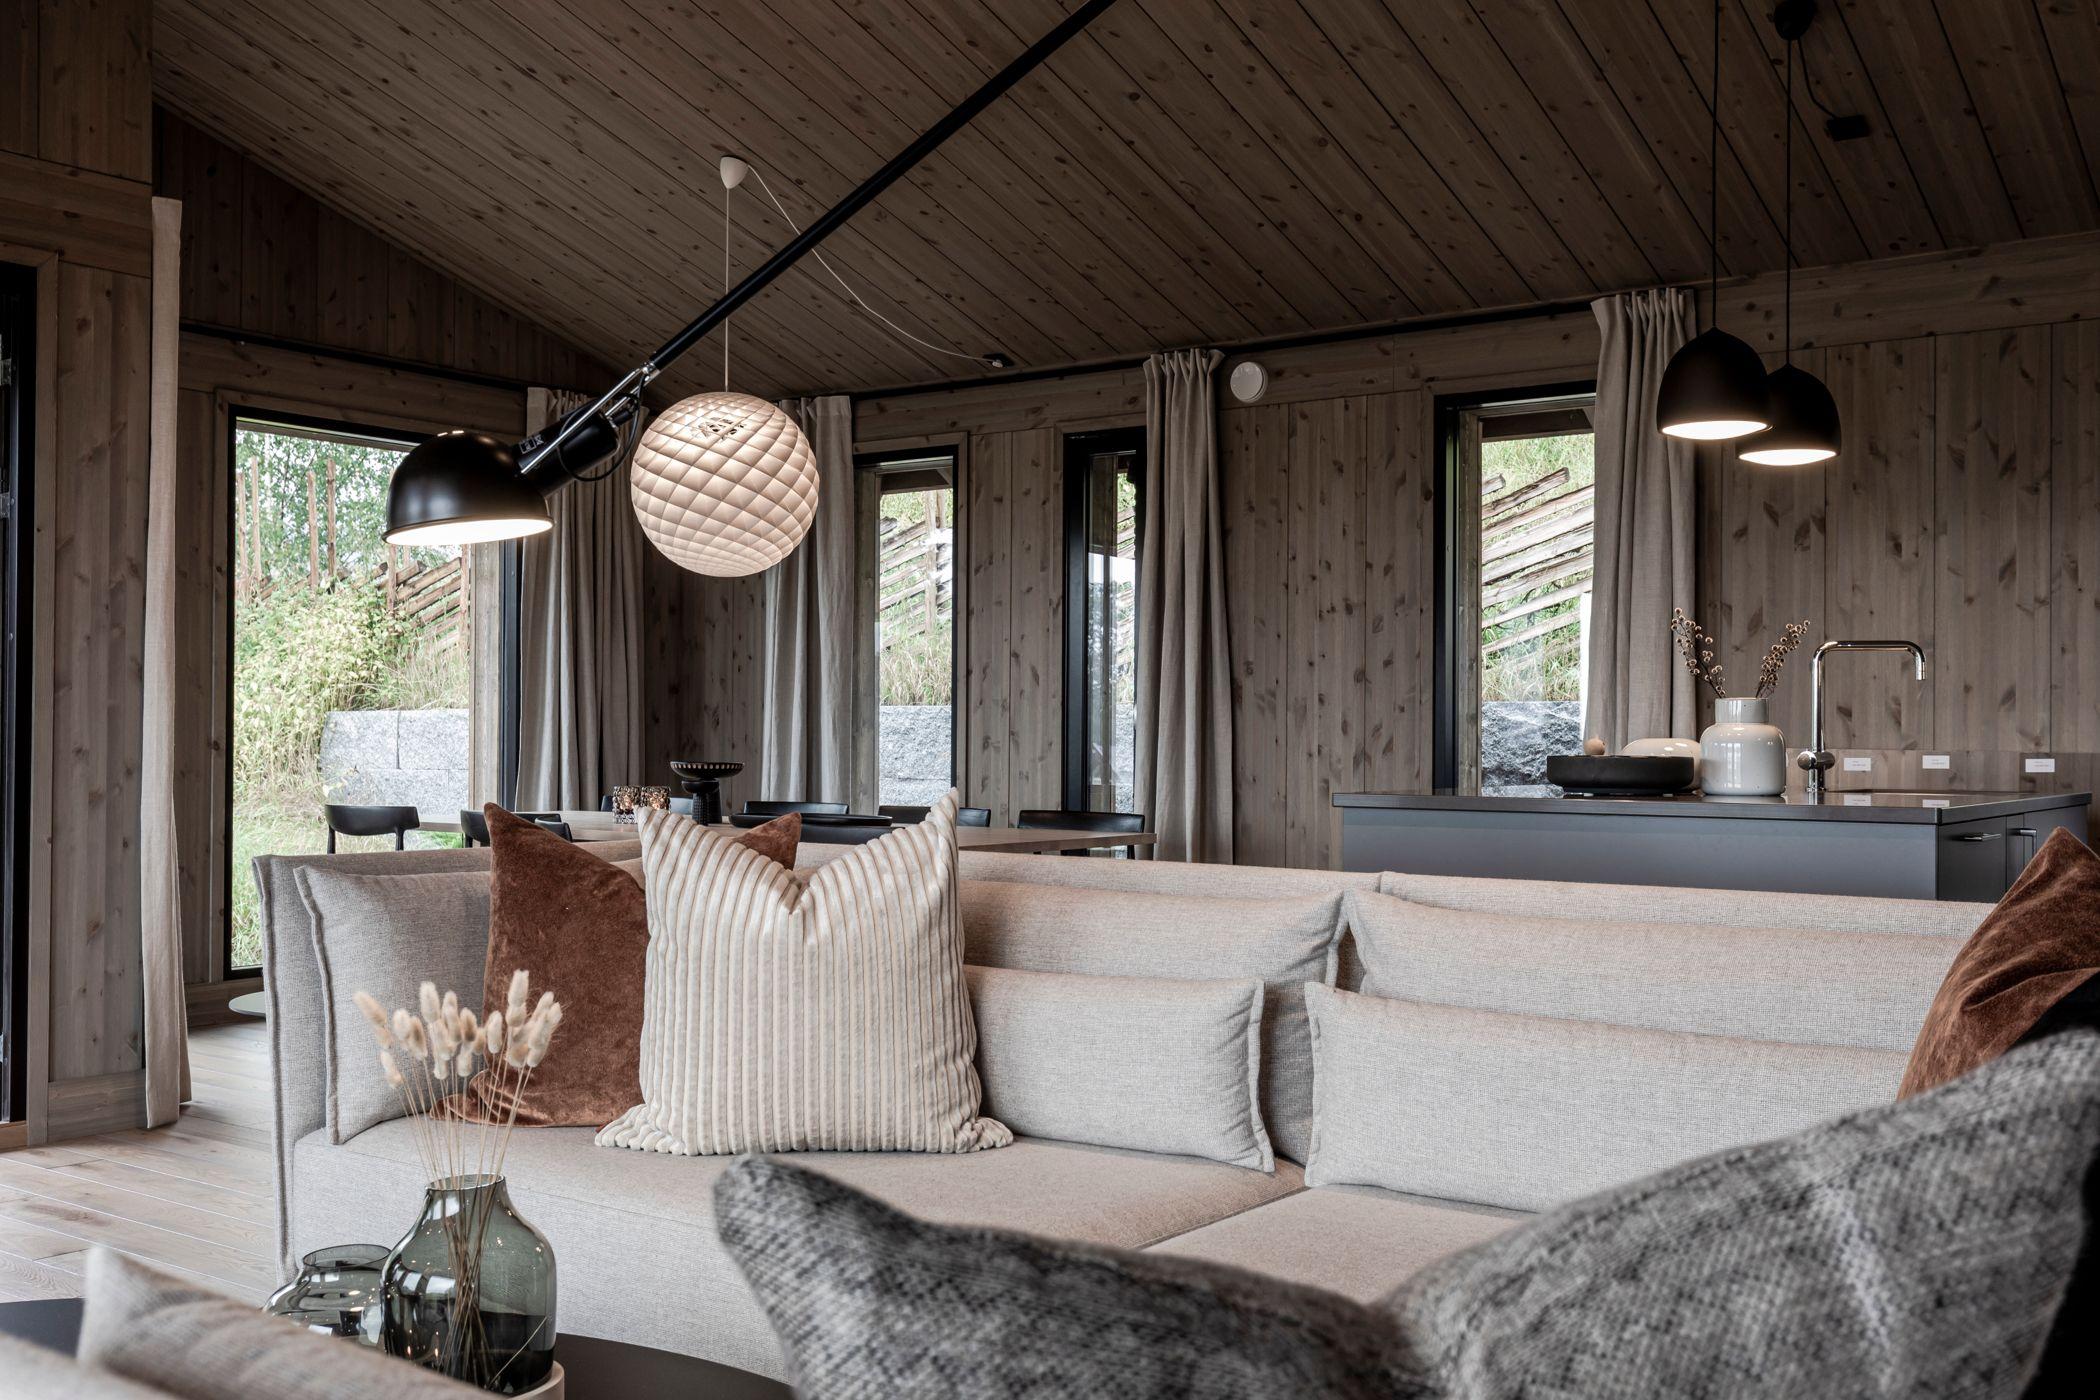 De 10 beste bildene for stue | Stue, Lamper, Husdesign